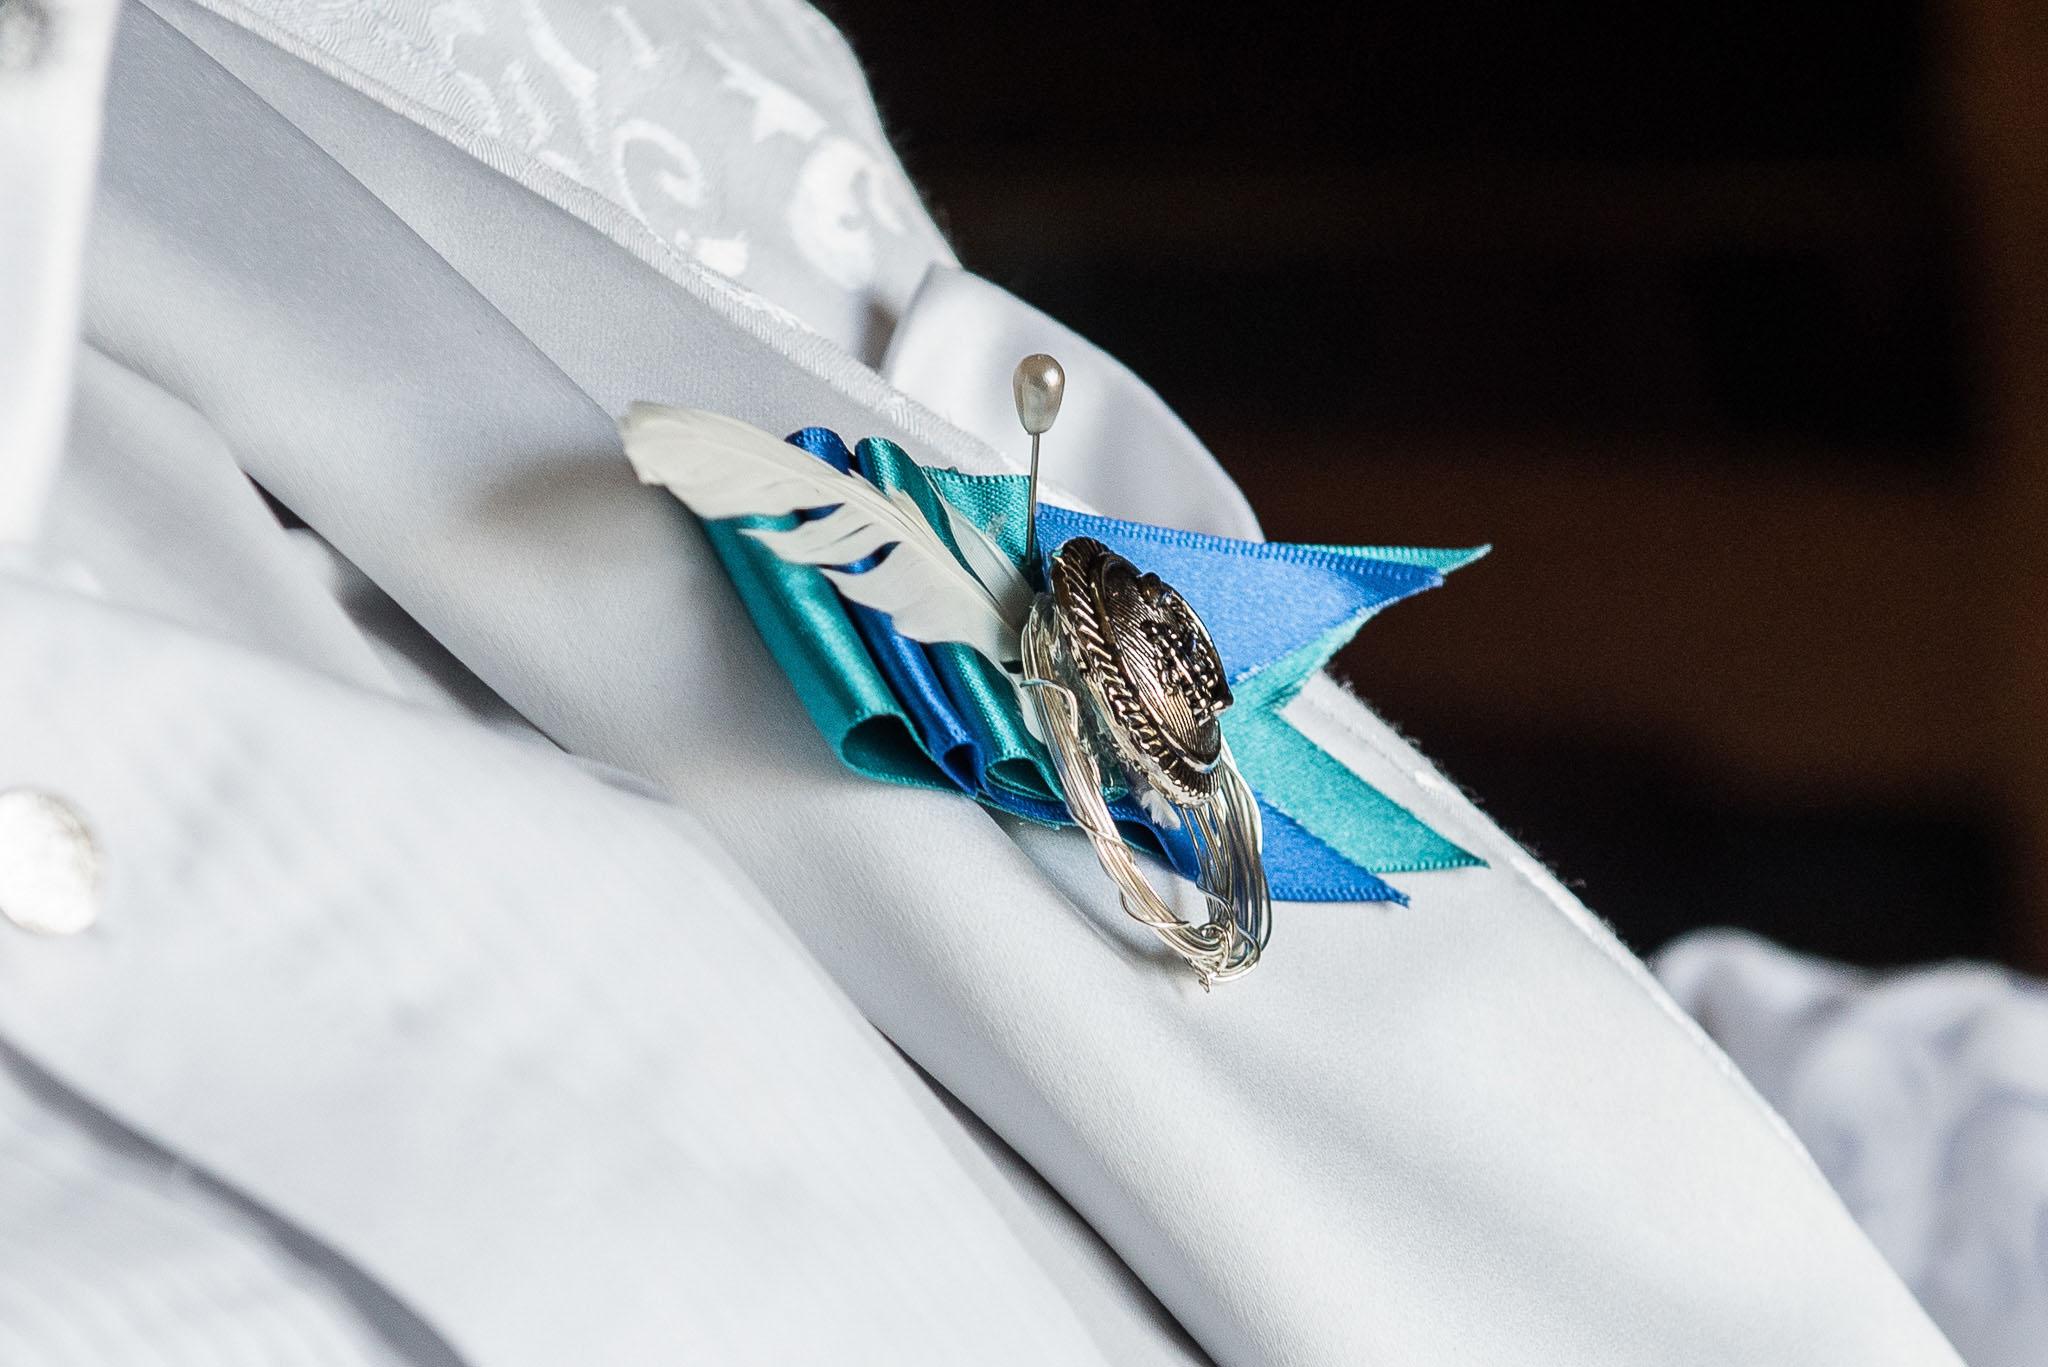 Matrimonio Nel Monferrato Dionne Dale - Wdding Matrimono Emanuele Tibaldi Fotografo 16 - Foto-matrimonio-dettagli - Foto-matrimonio-sposo